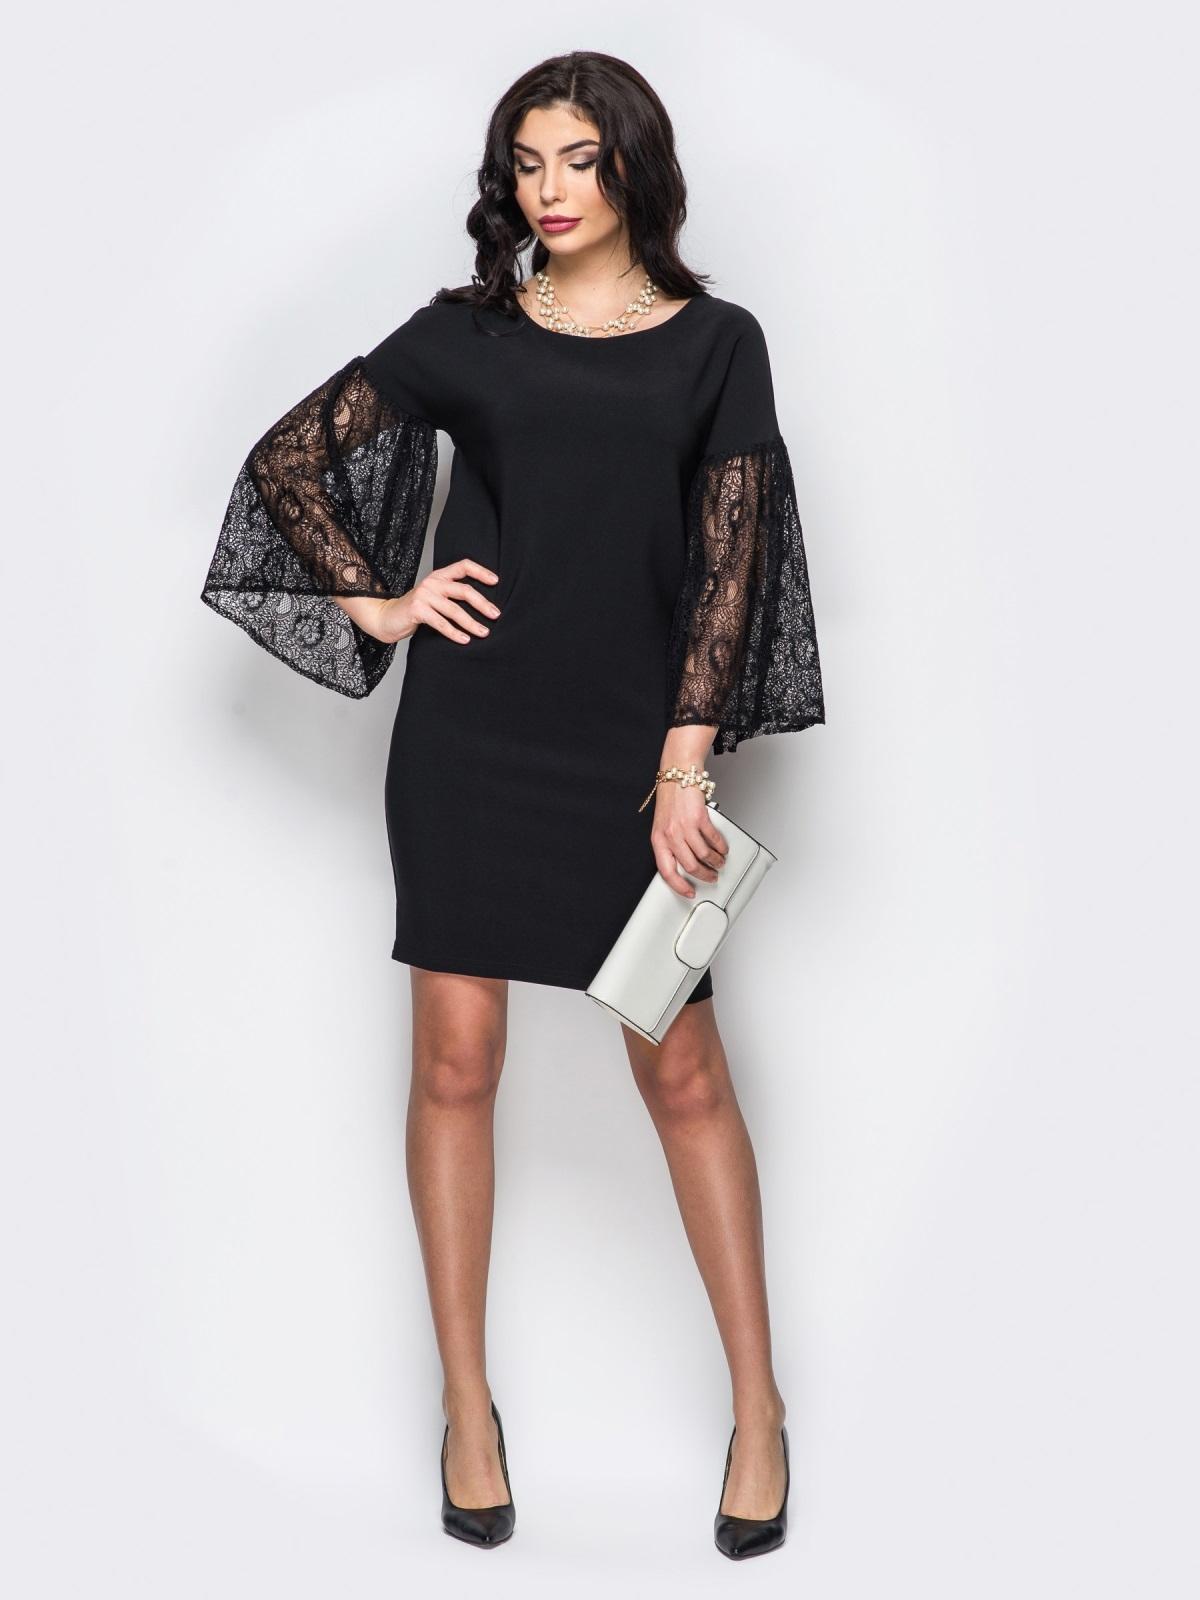 Свободное платье с объемными рукавами из гипюра чёрное - 22154, фото 1 – интернет-магазин Dressa